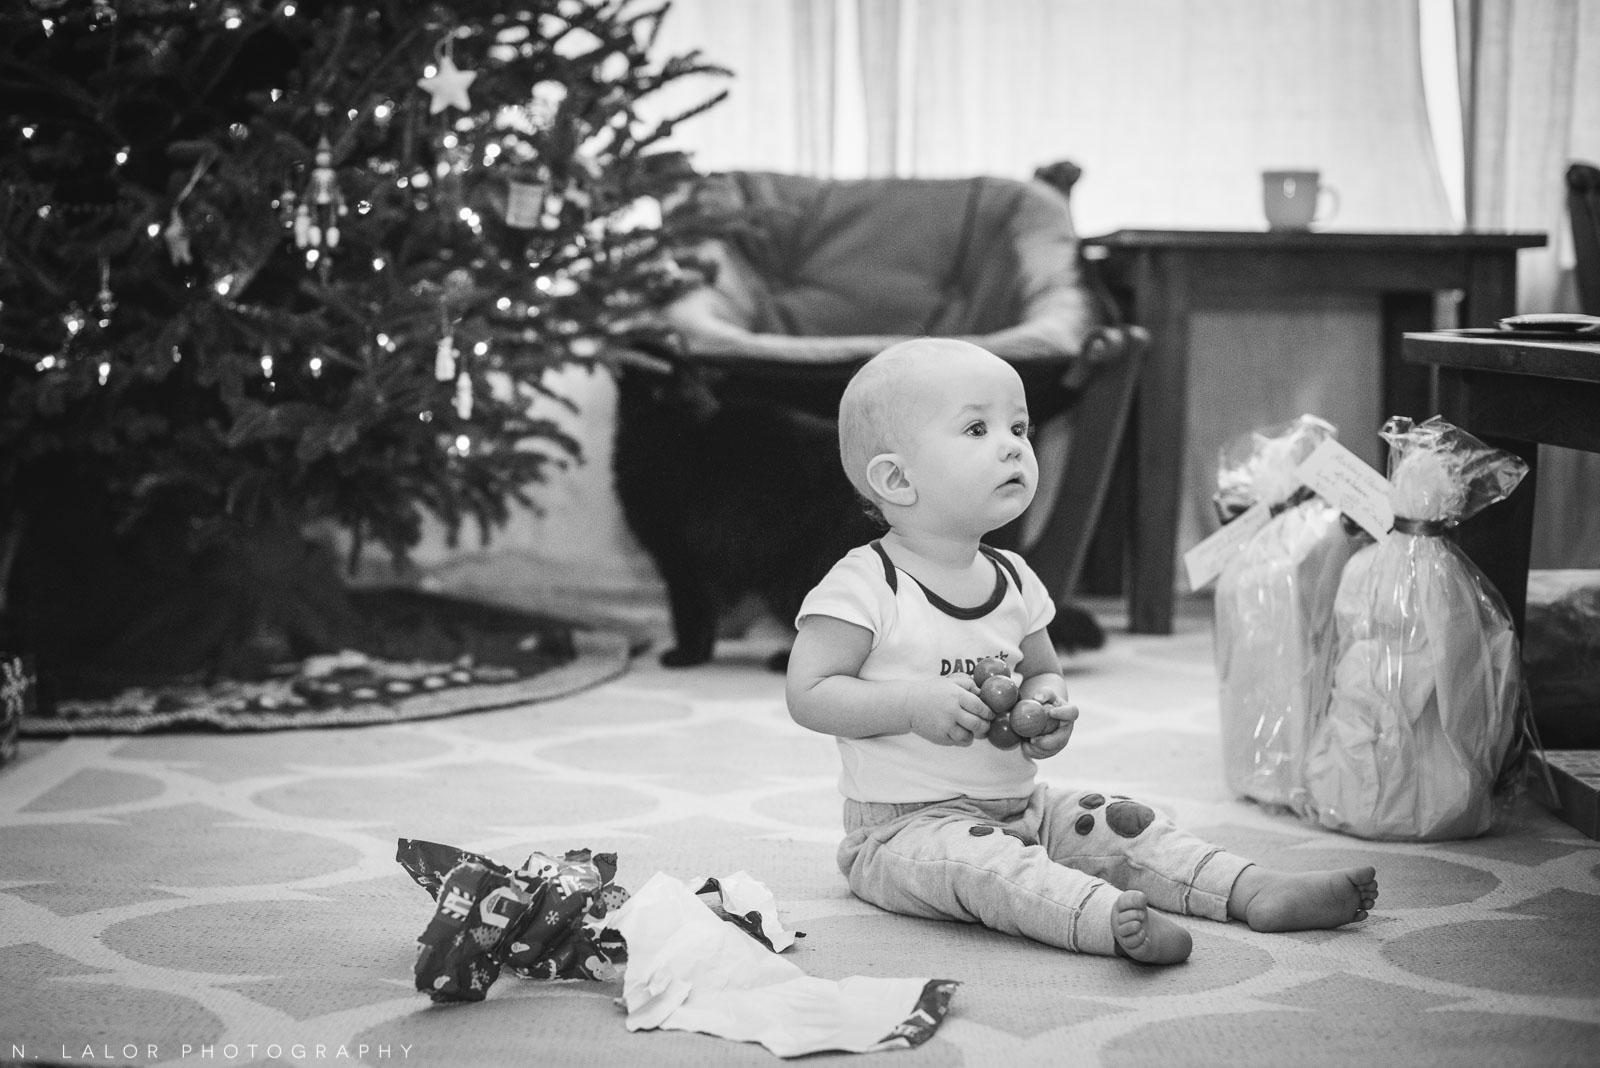 nlalor-photography-2014-christmas-morning-5.jpg